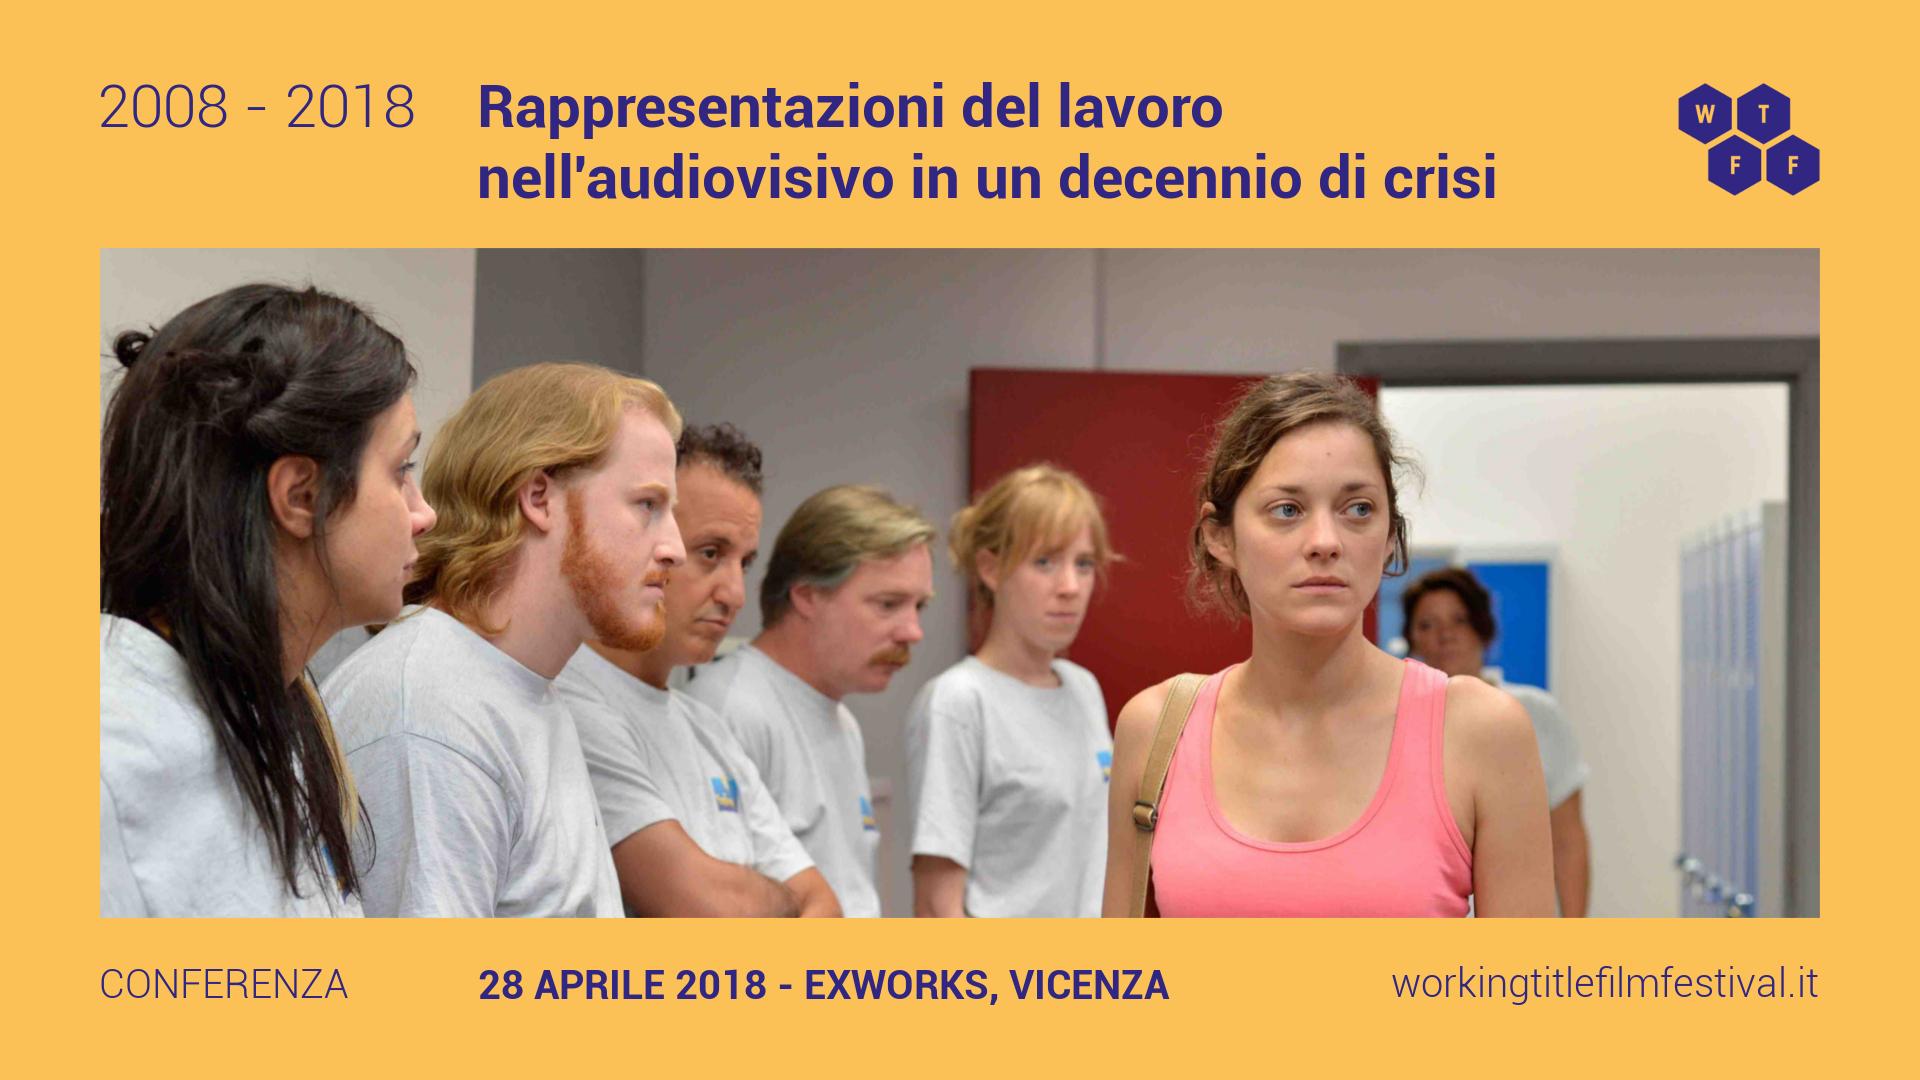 2008-2018 Rappresentazioni del lavoro nell'audiovisivo in un decennio di crisi